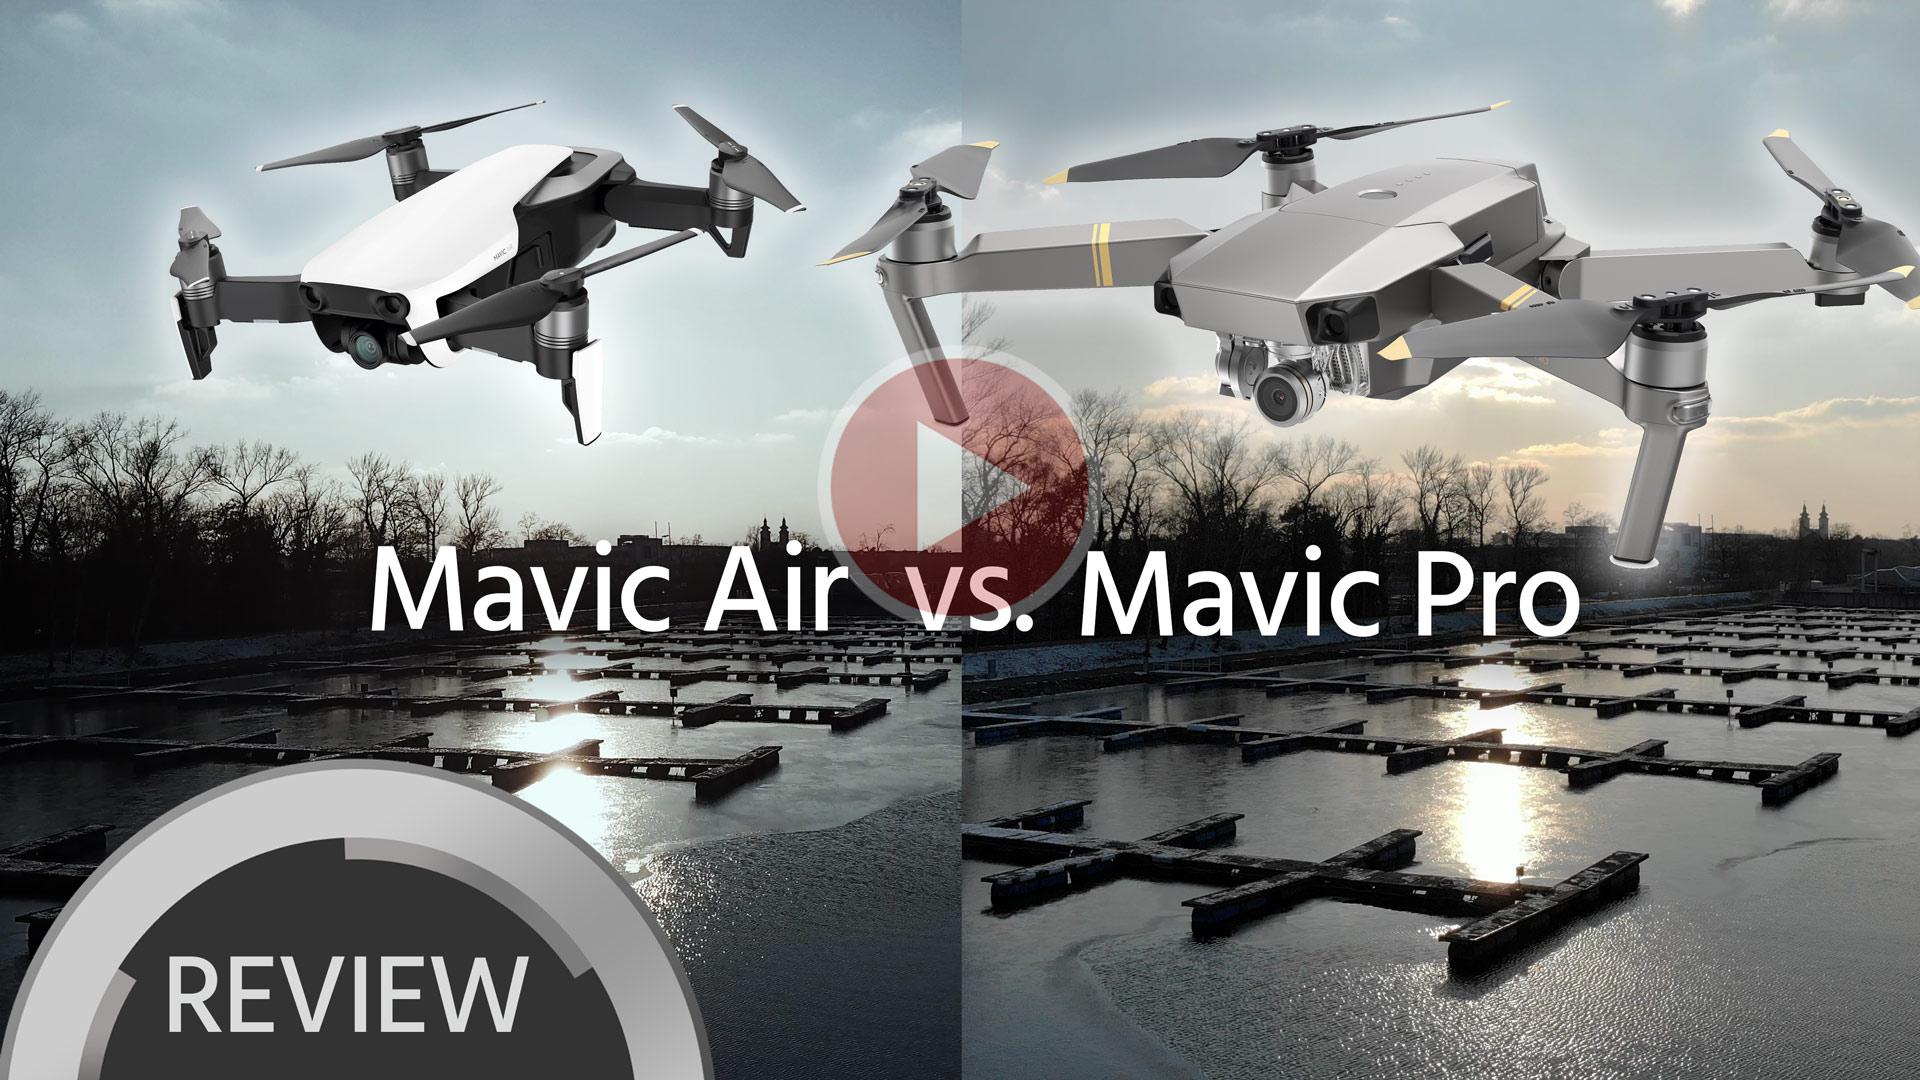 Comparación de material DJI Mavic Air vs. Mavic Pro